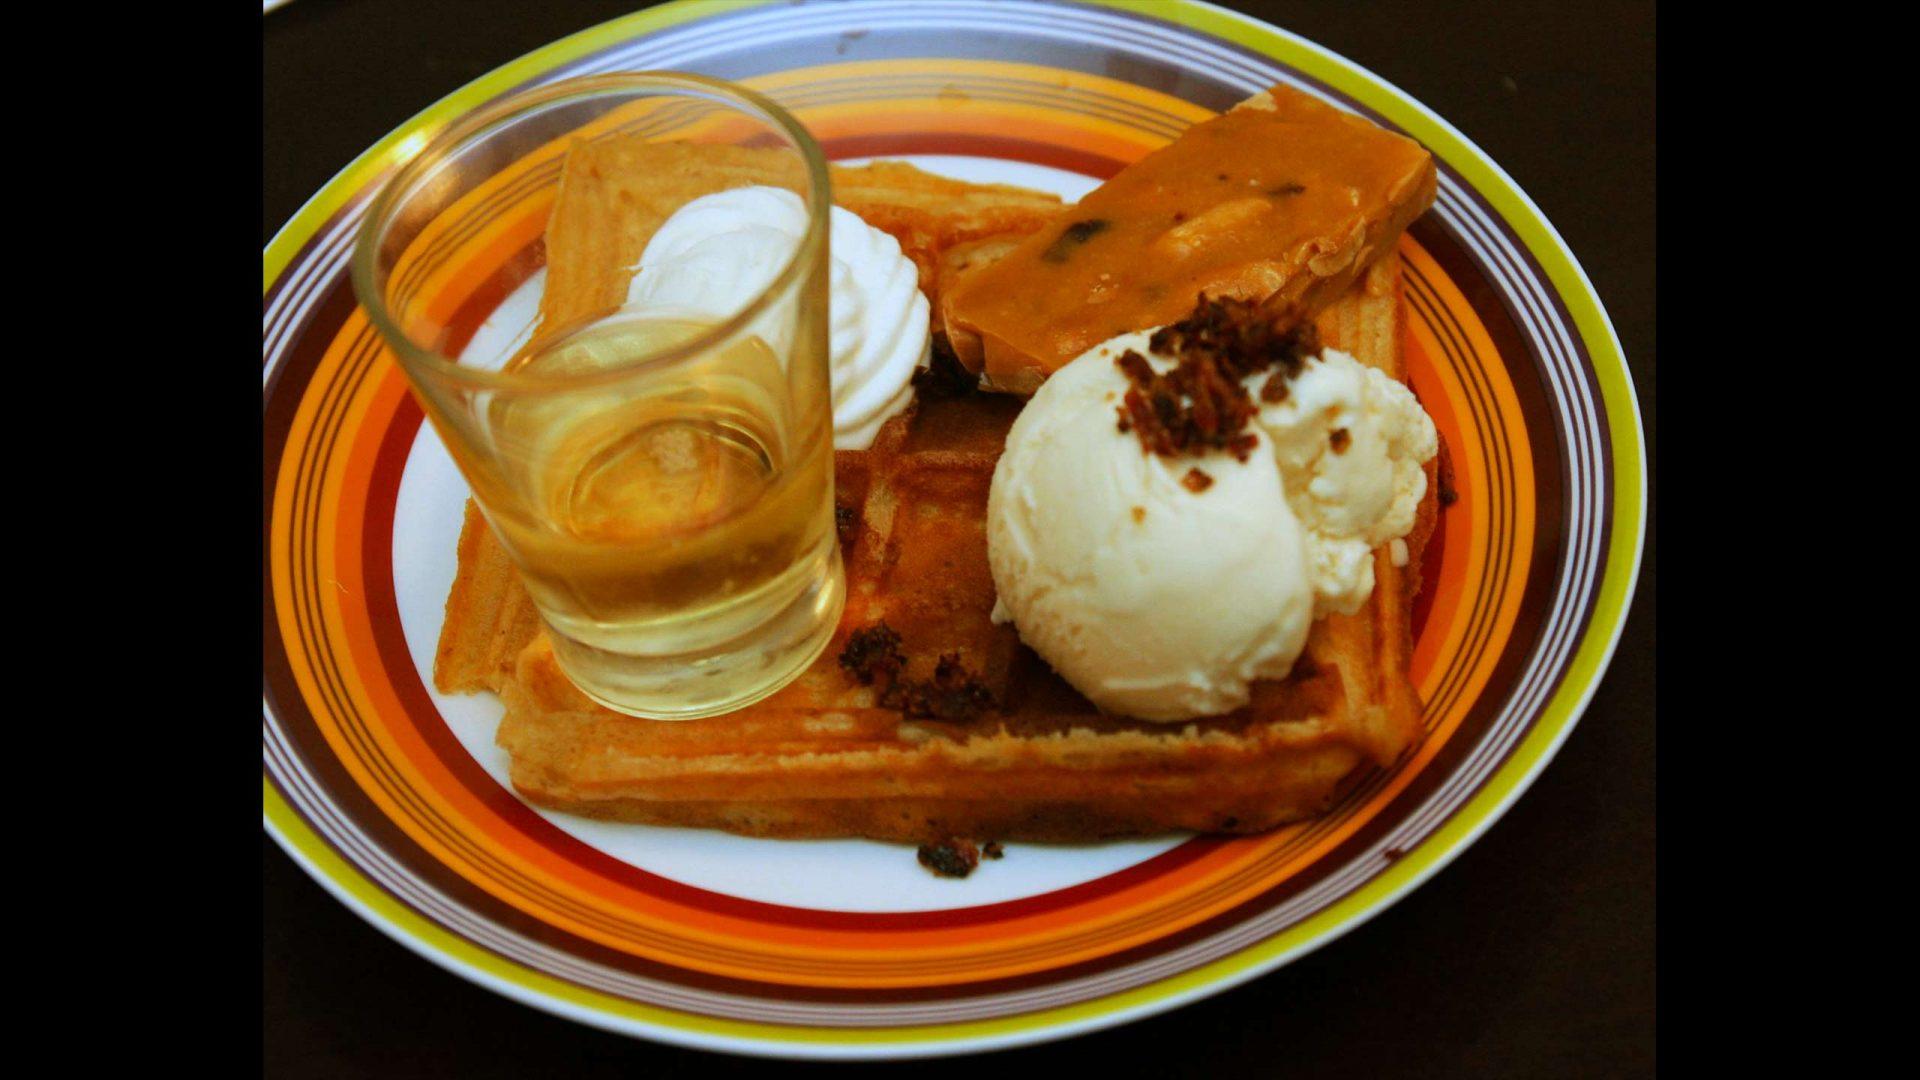 גופרה בלגית גלידת תפוחים קרמל, קריספי בייקון, קראנץ בוטנים וליקר Bad Apple